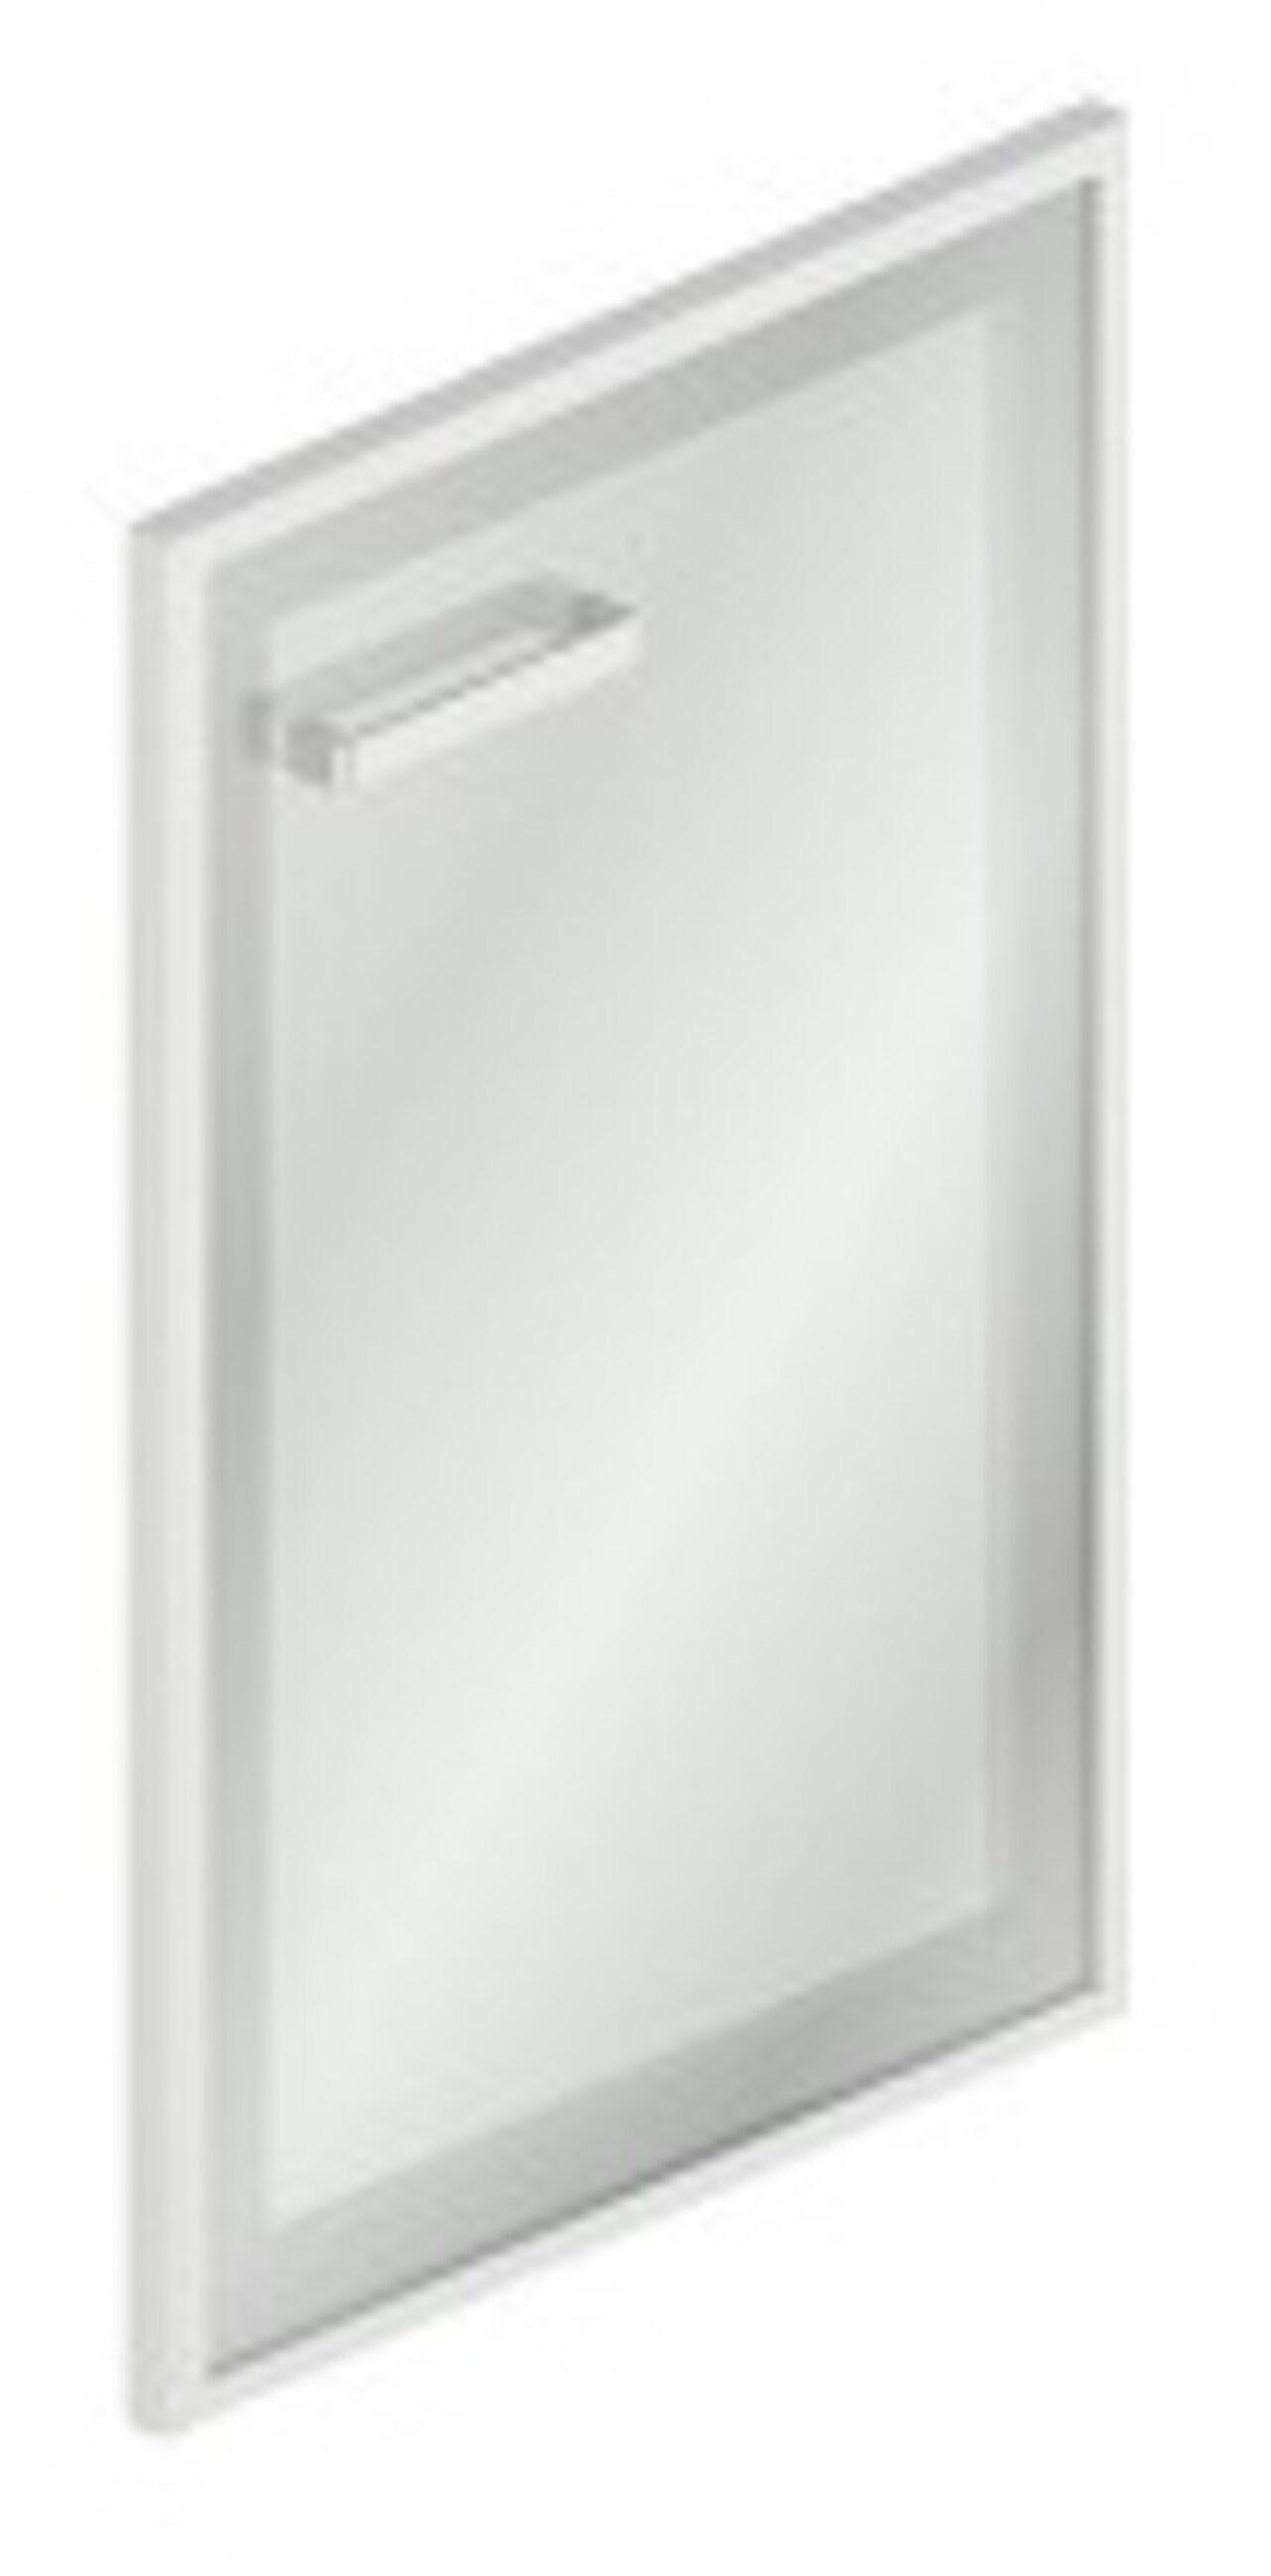 Дверь стеклянная в МДФ-рамке правая - фото 1